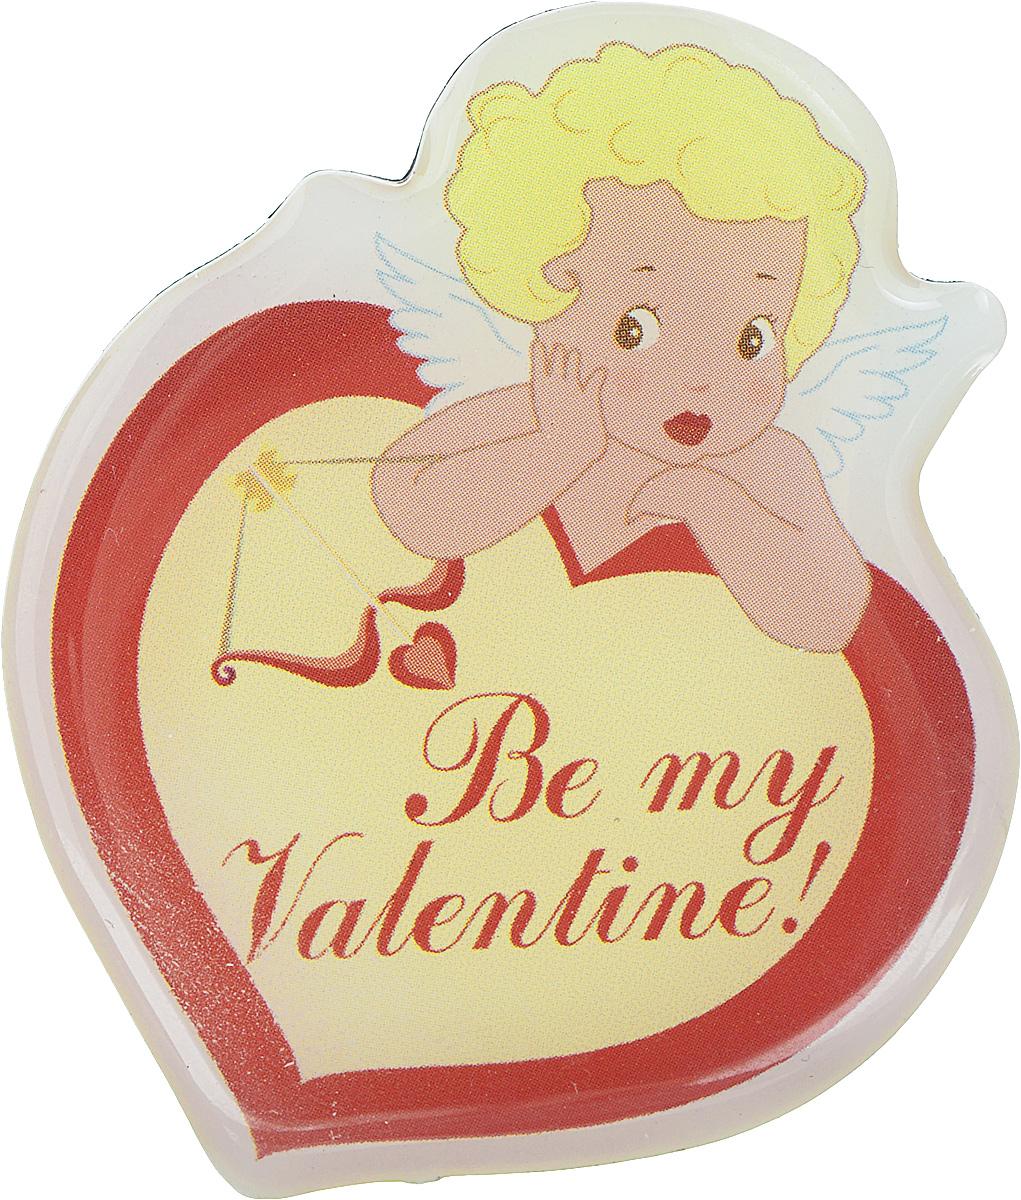 Магнит Феникс-презент Be My Valentine!, 6 x 5 см31524Магнит в форме сердца Феникс-презент Be My Valentine!, выполненный из агломерированного феррита, станет приятным штрихом в повседневной жизни. Оригинальный магнит, декорированный изображением Амура, поможет вам украсить не только холодильник, но и любую другую магнитную поверхность. Материал: агломерированный феррит.